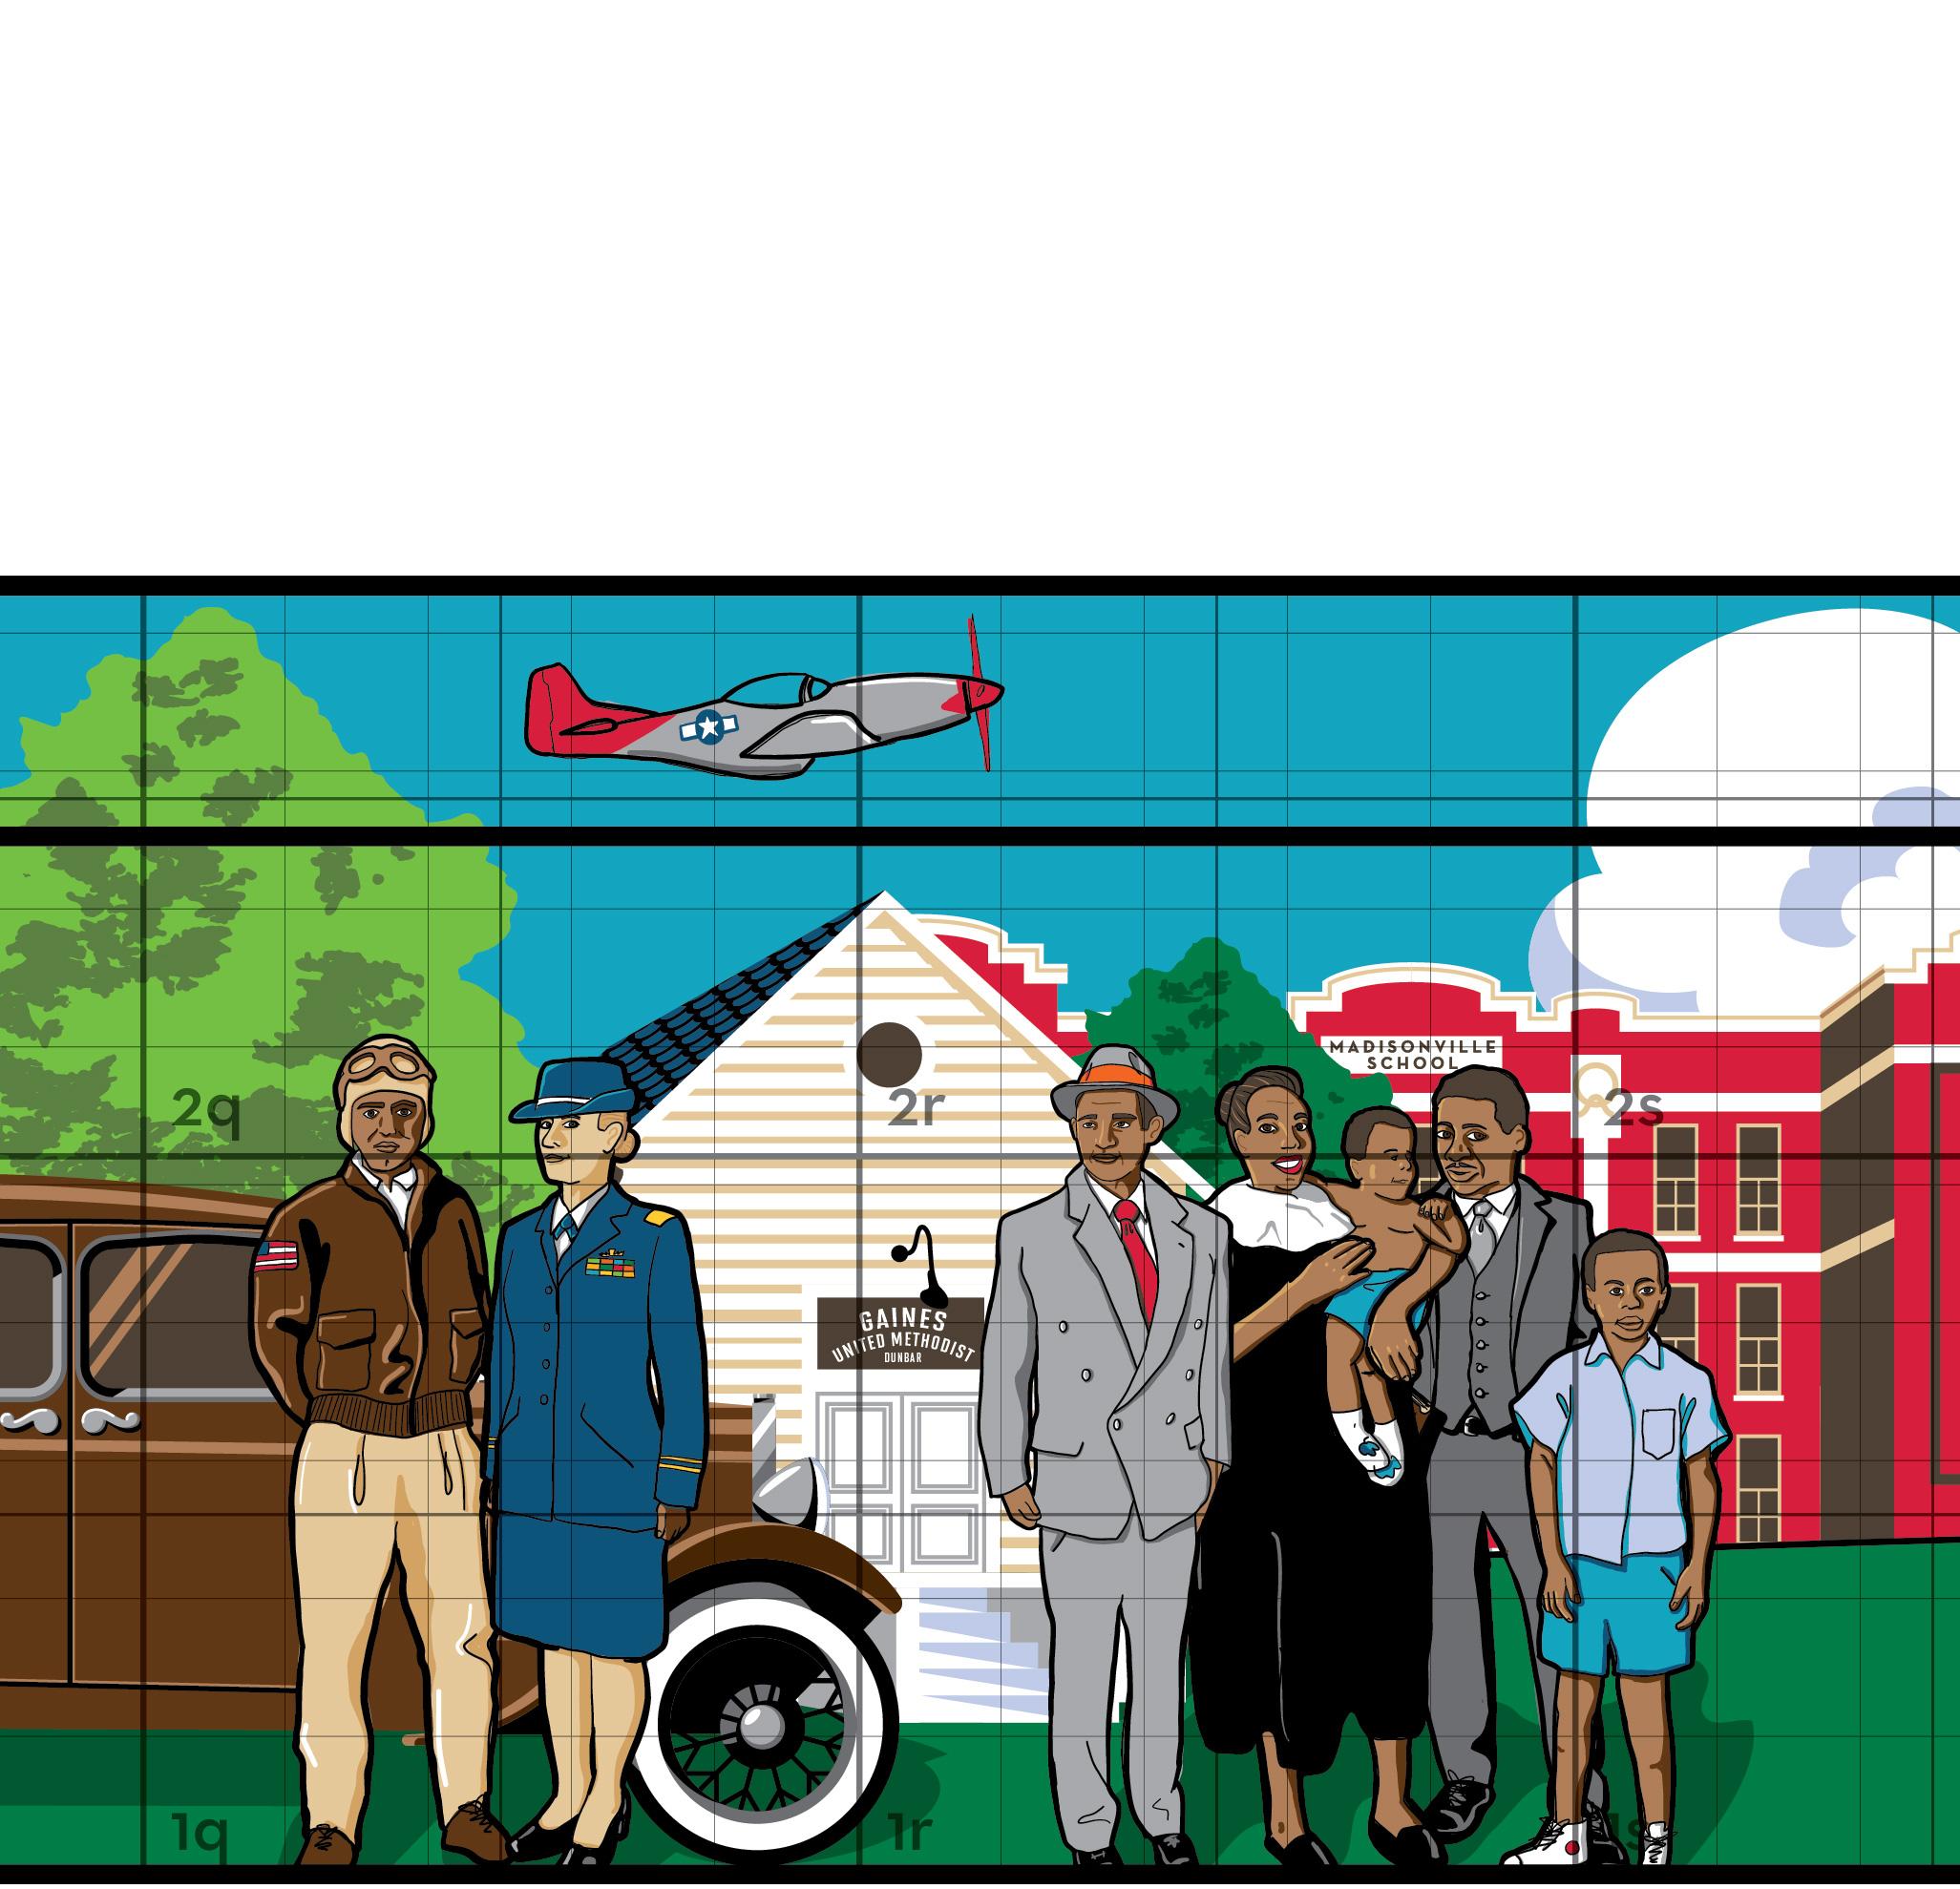 170610_Madisonville_Mural_Illustrated_WIP_Madville_1960.jpg